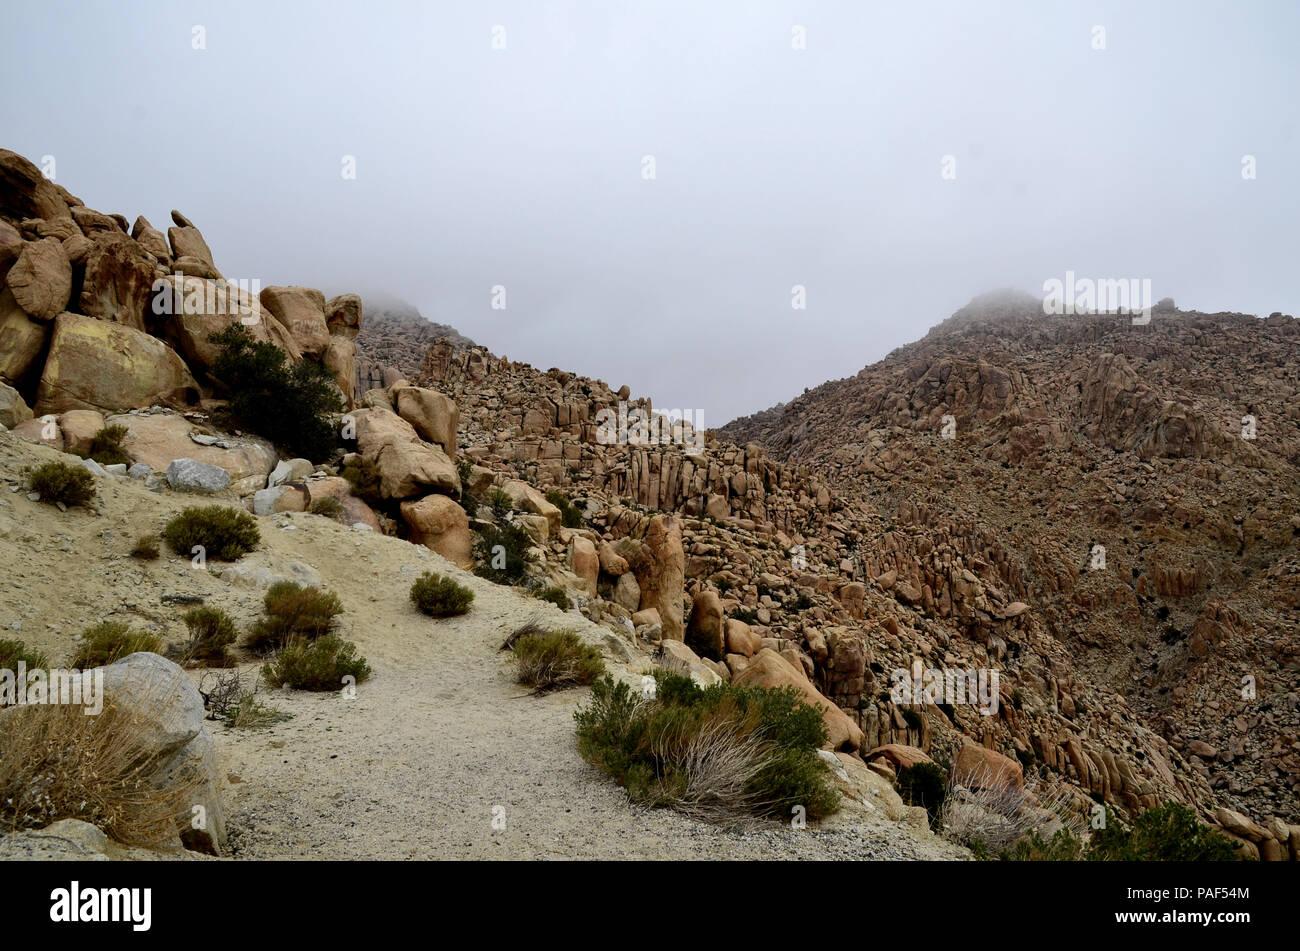 Vue de la pente rocheuse sur l'Autoroute Près de Tijuana-Mexicali dans La Rumorosa, Baja California, Mexique. Banque D'Images